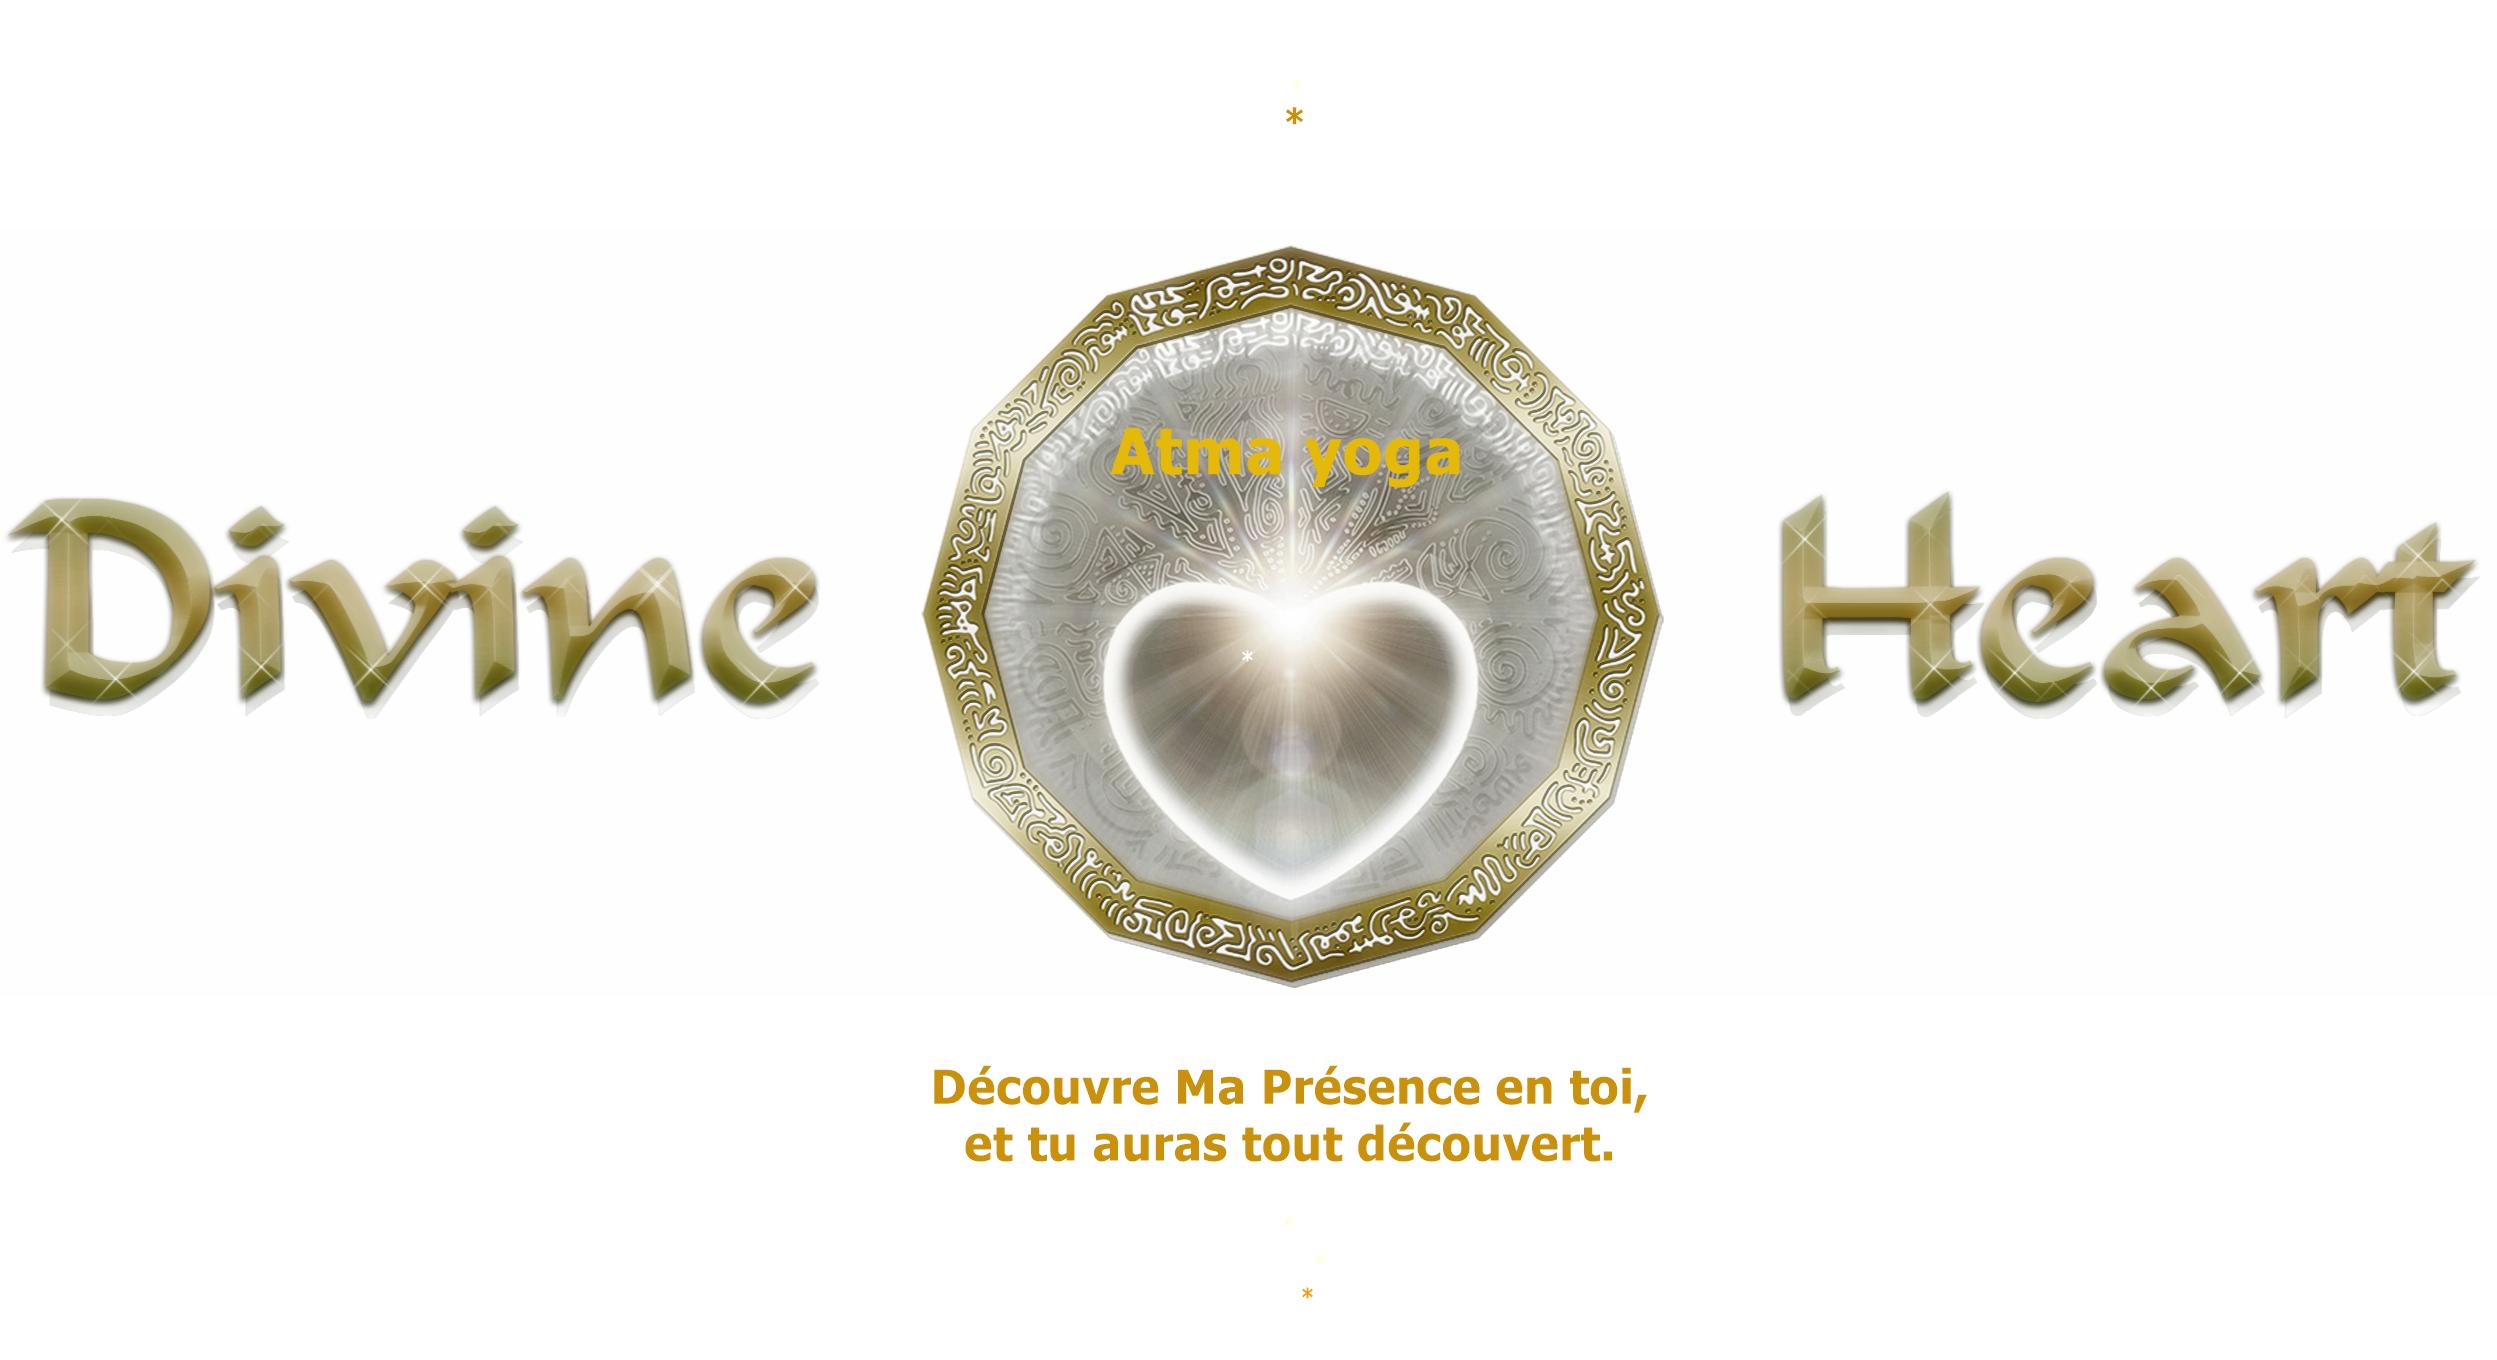 divine-heart-logo-atm11